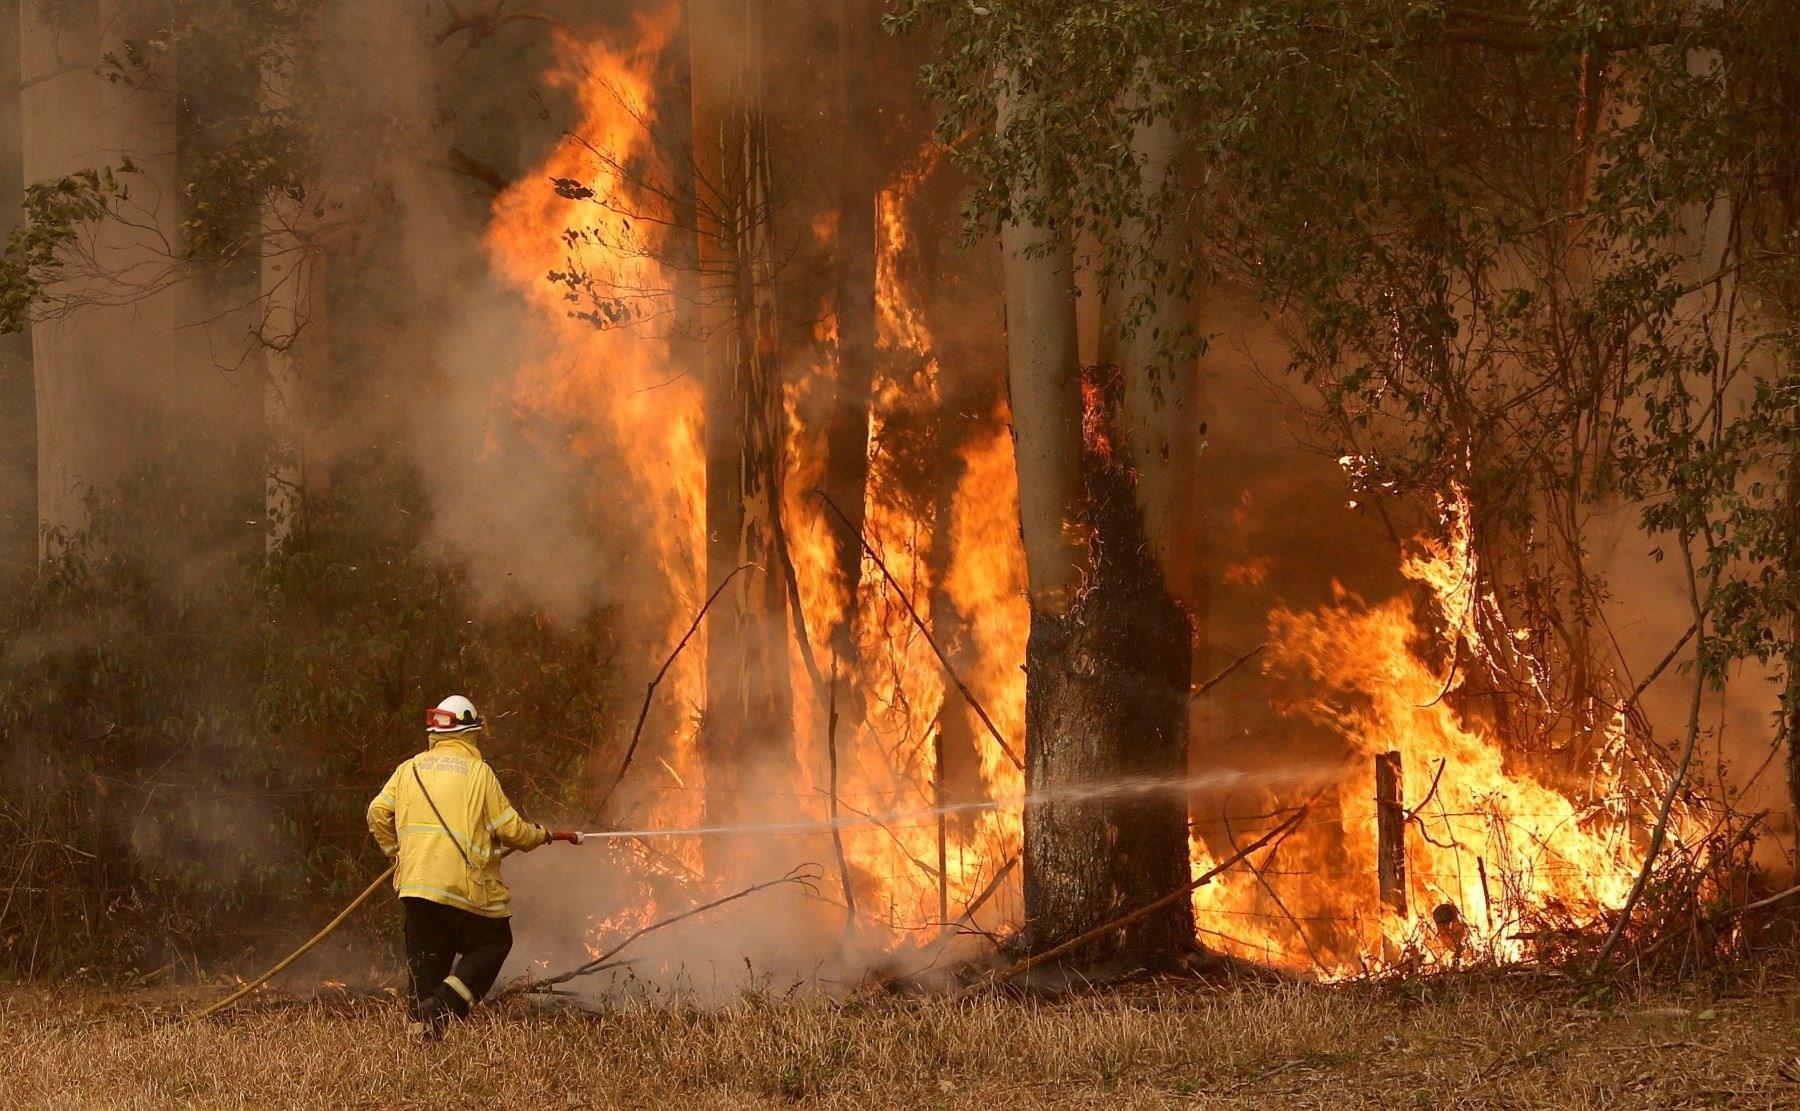 مخاوف من حرائق غابات أستراليا بسبب درجات حرارة قياسية